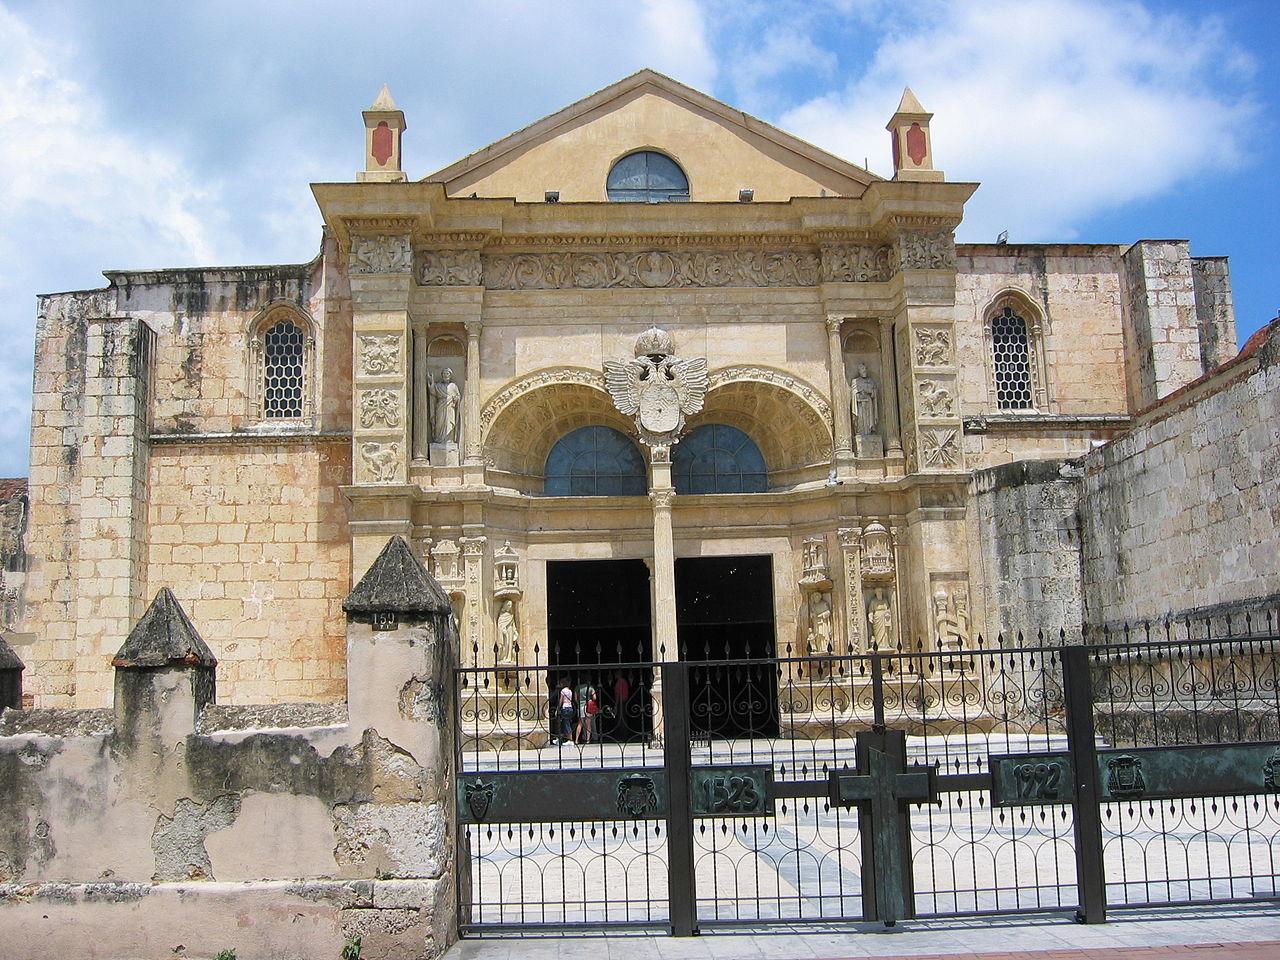 Catedral de Santa Maria La Menor, Santo Domingo, Dominican Republic - CheapCaribbean.com